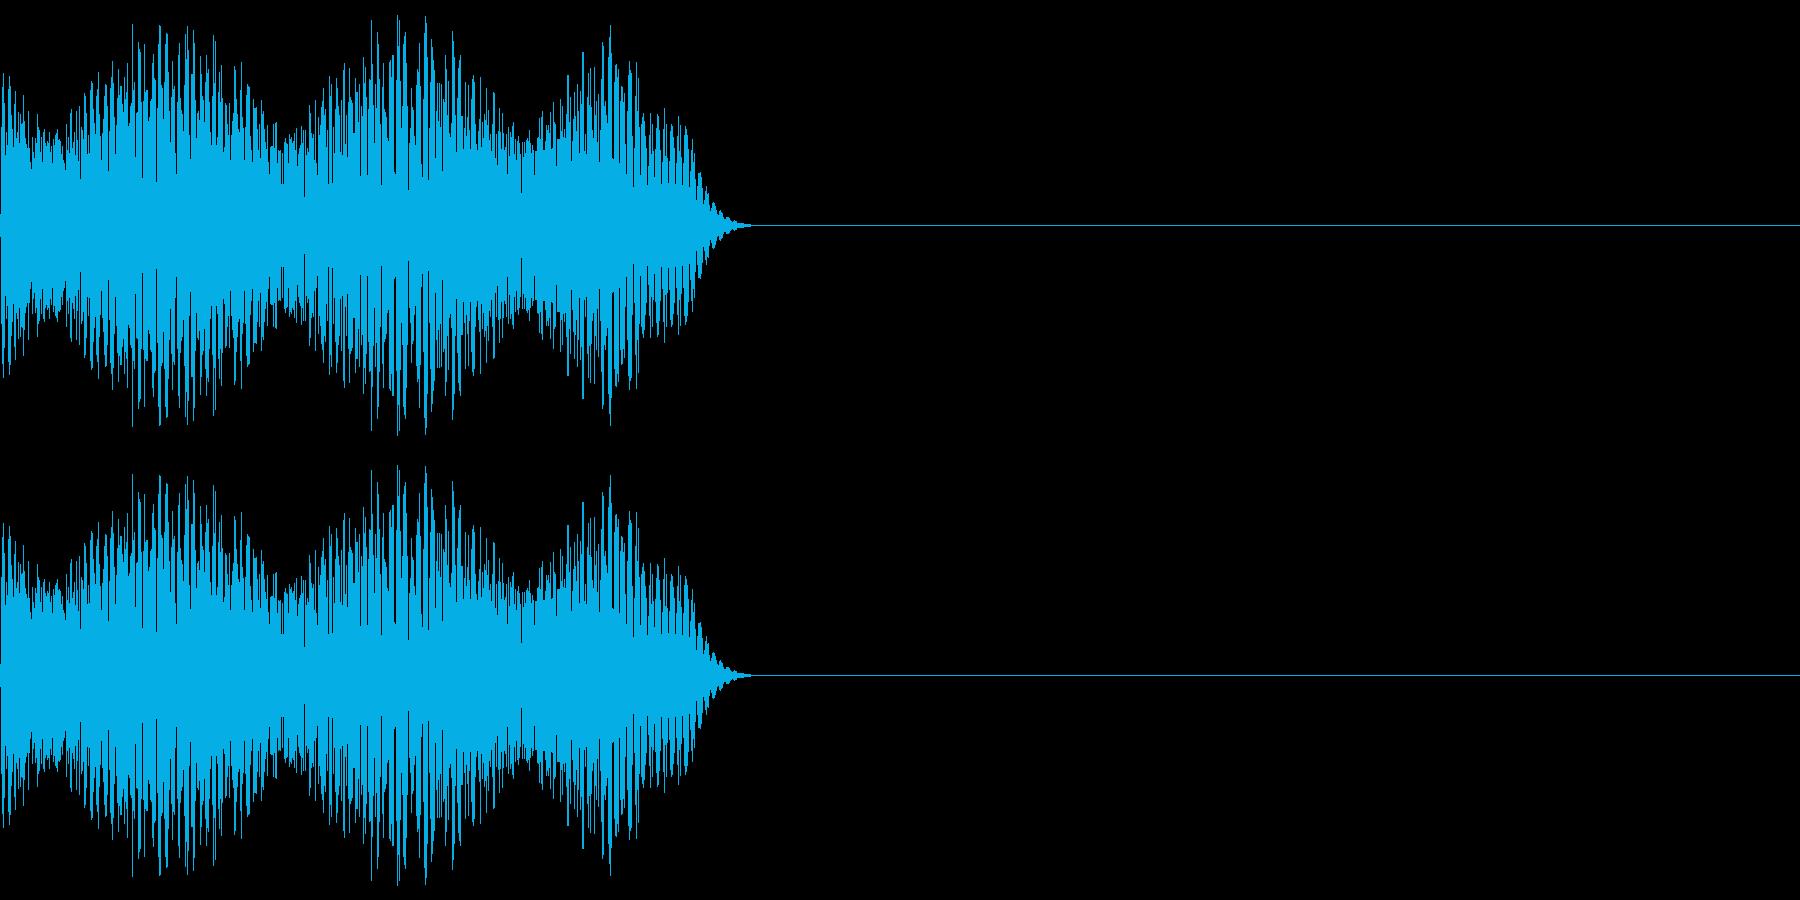 ゲーム等の禁止音「ブッ」 高めの音程の再生済みの波形